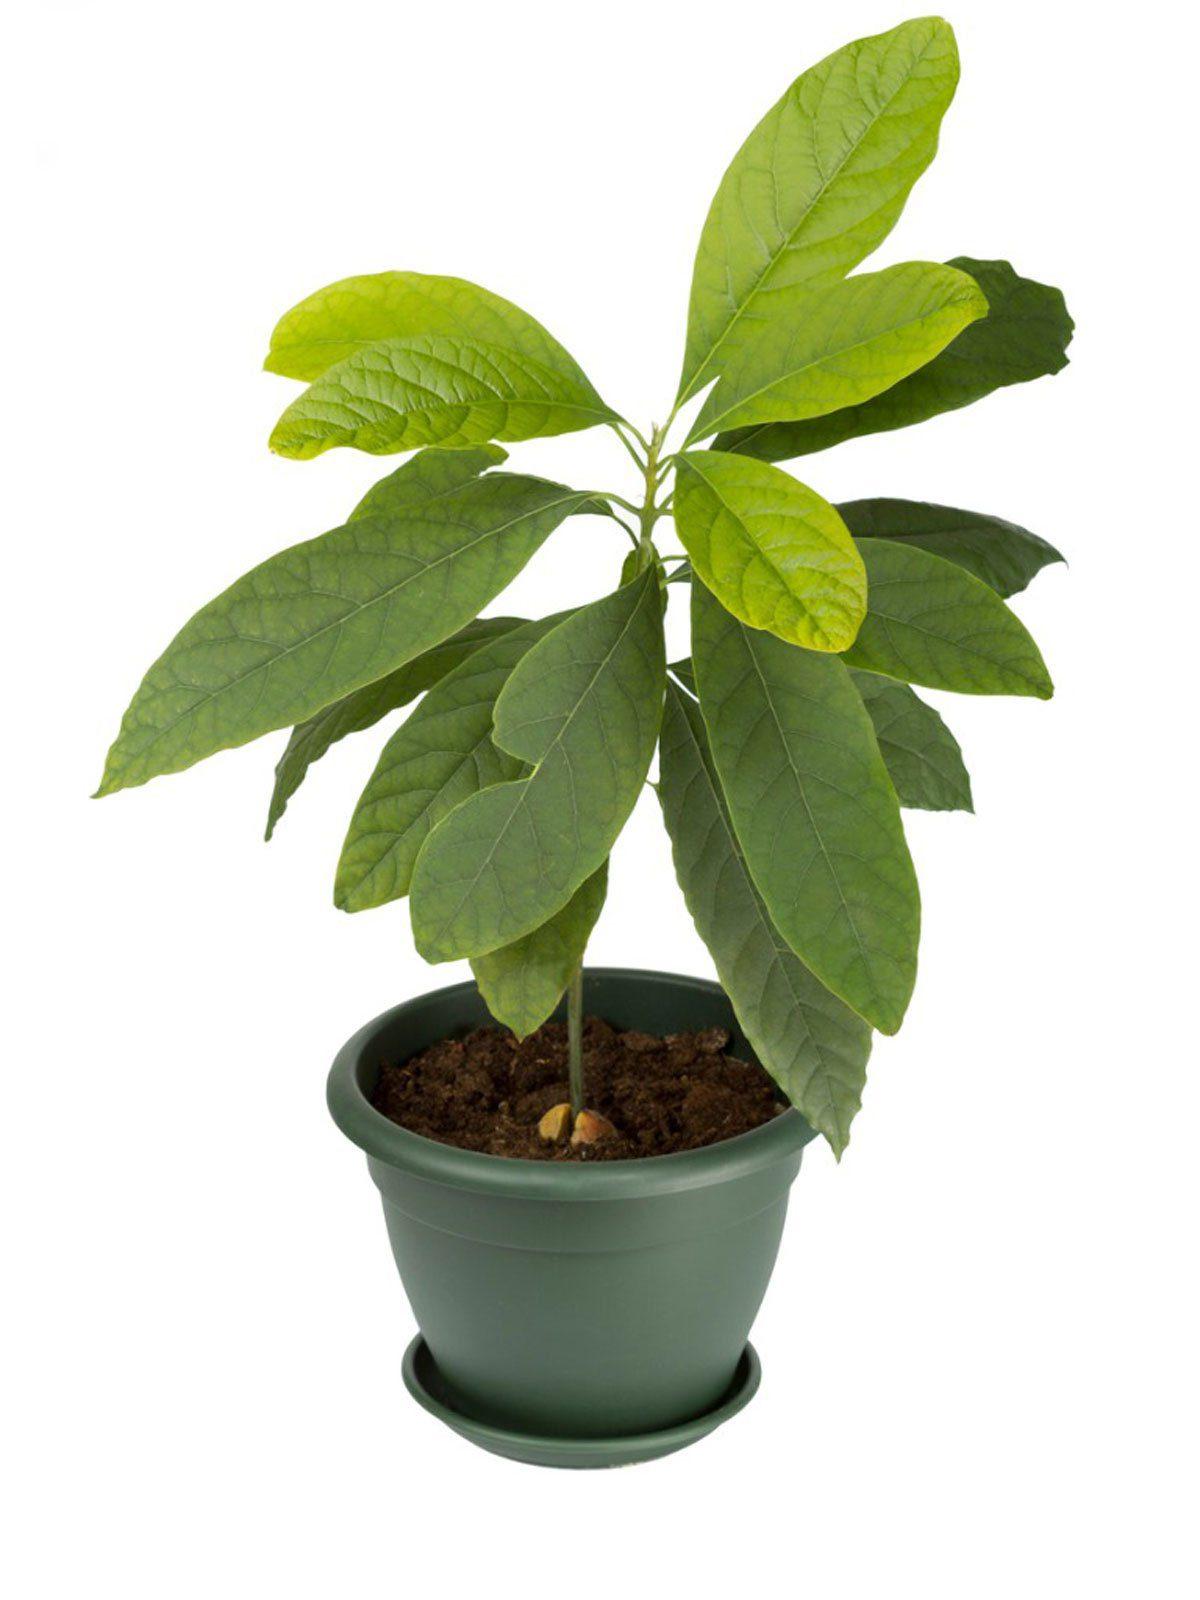 Healthy Avocado Seedlings